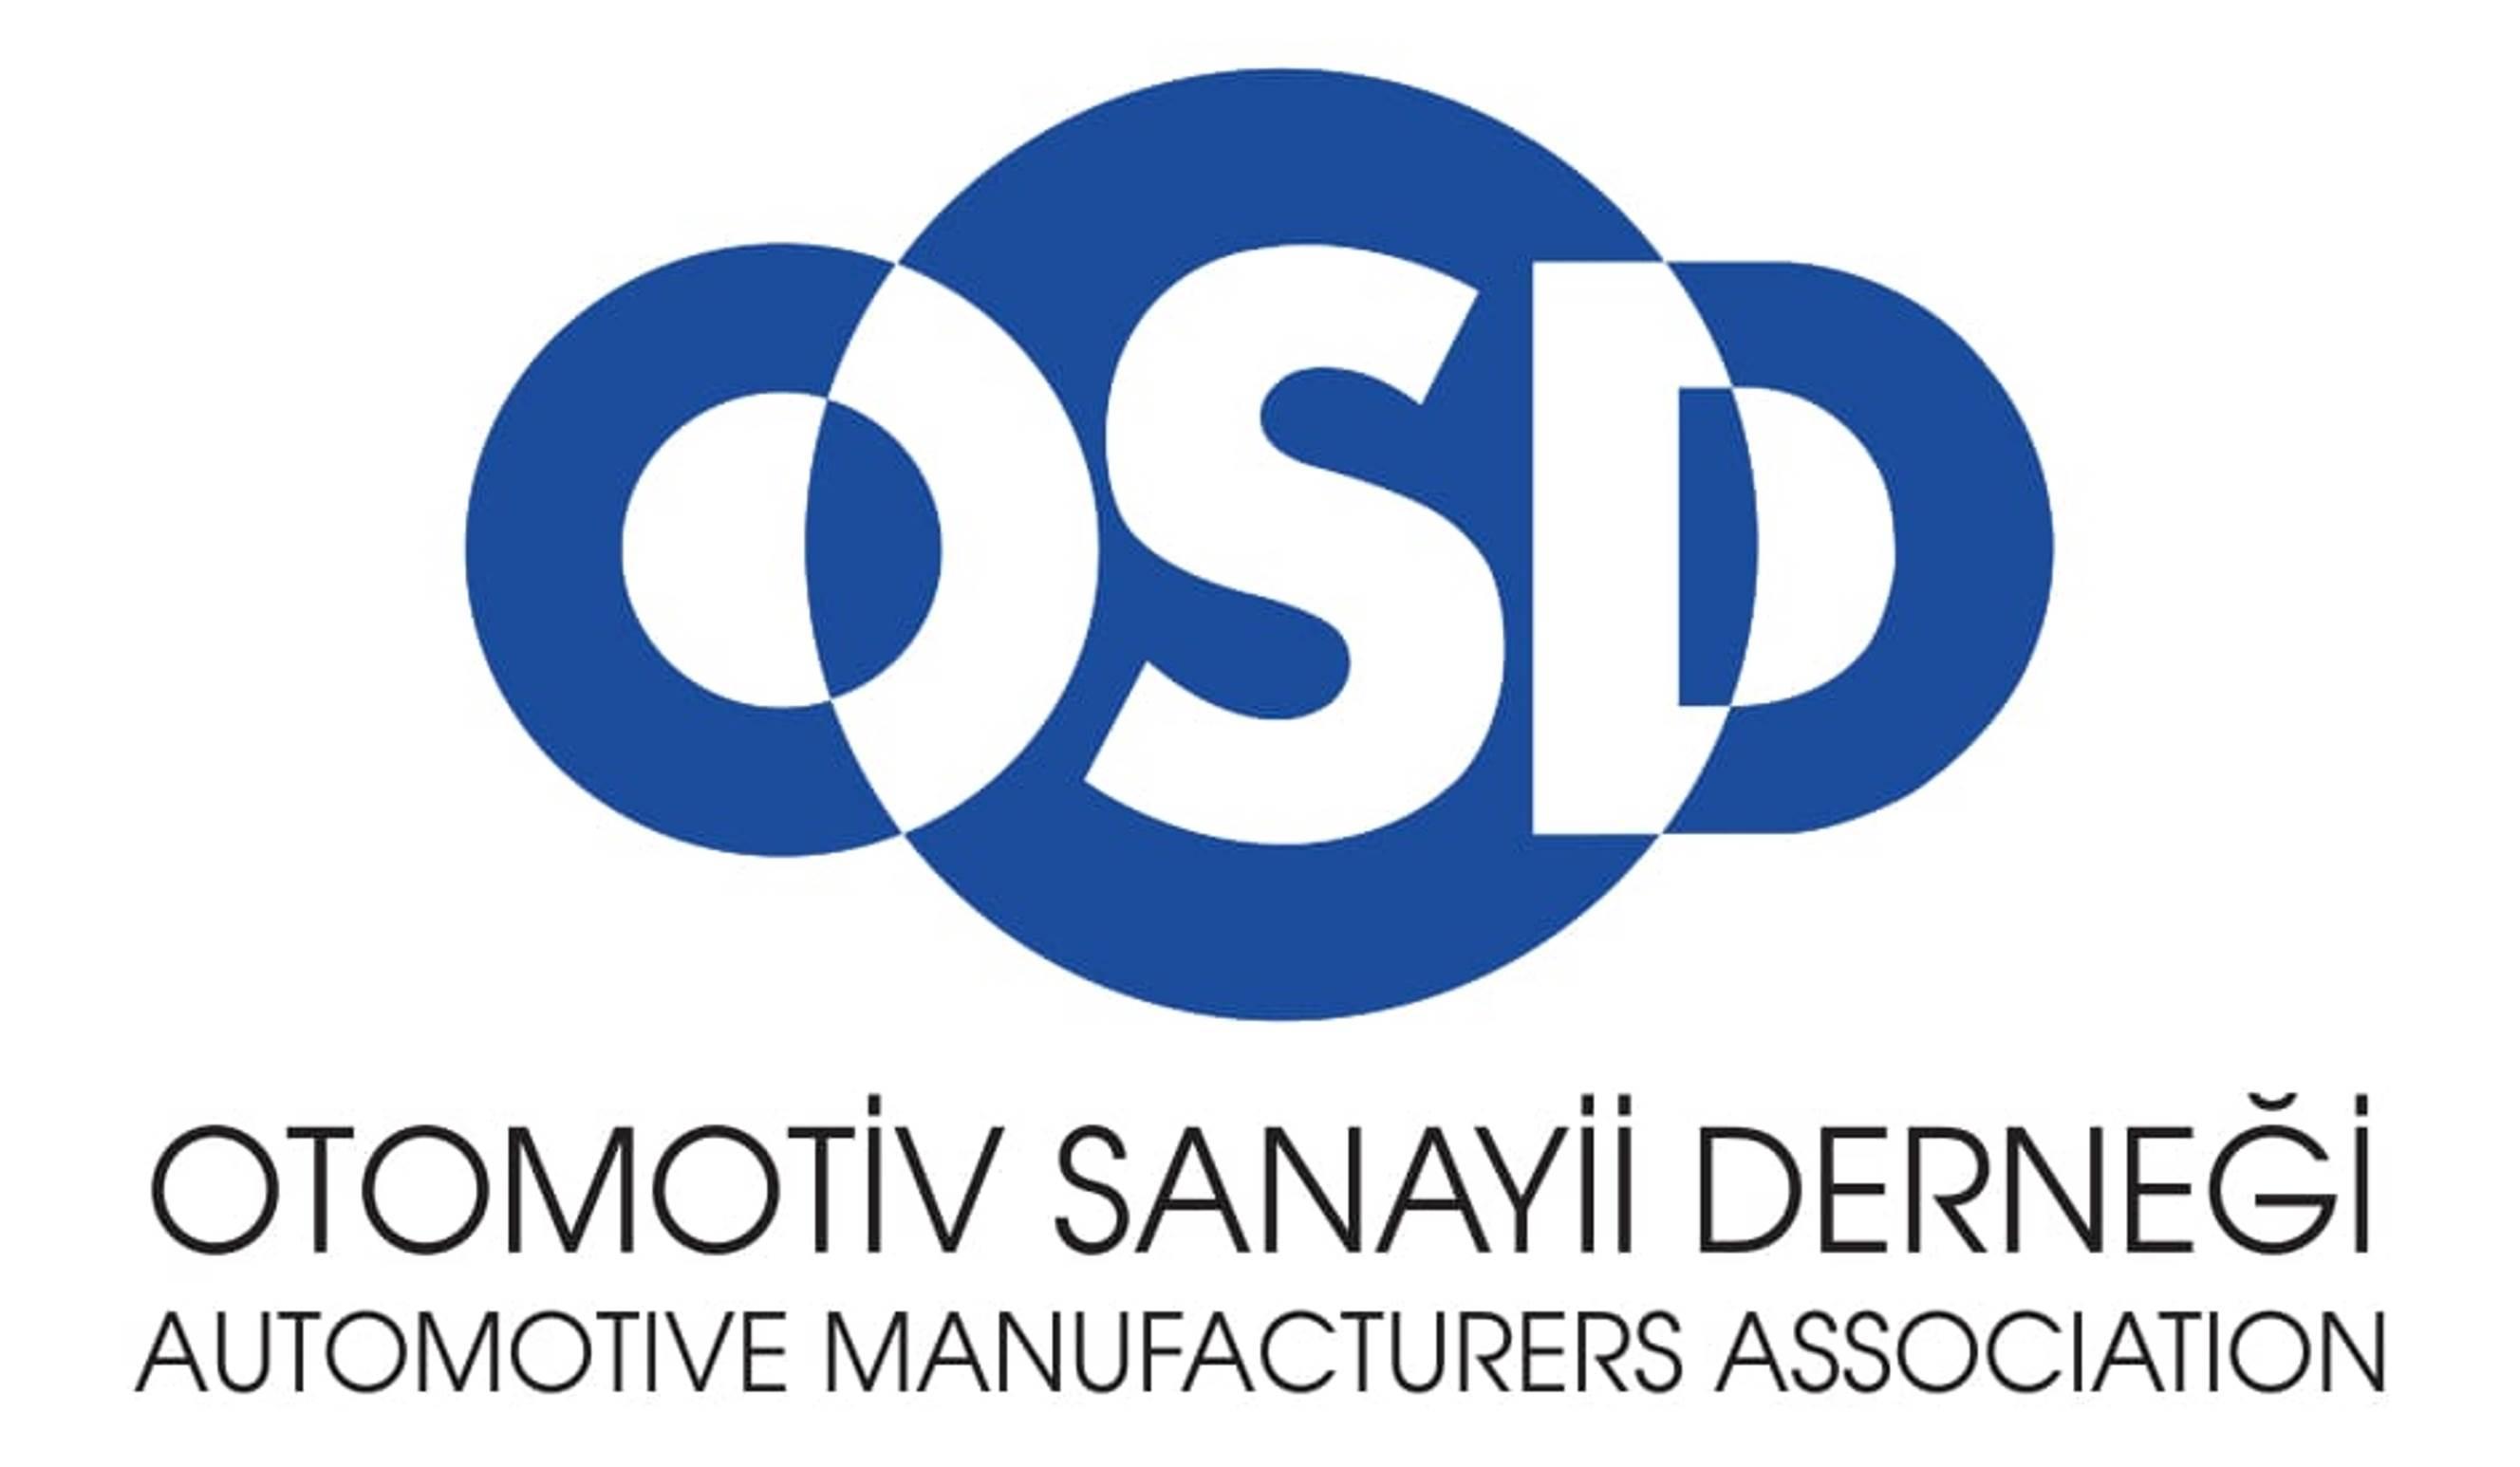 Otomotiv Sanayii Derneği,  İlk Çeyrek Verilerini Açıkladı!